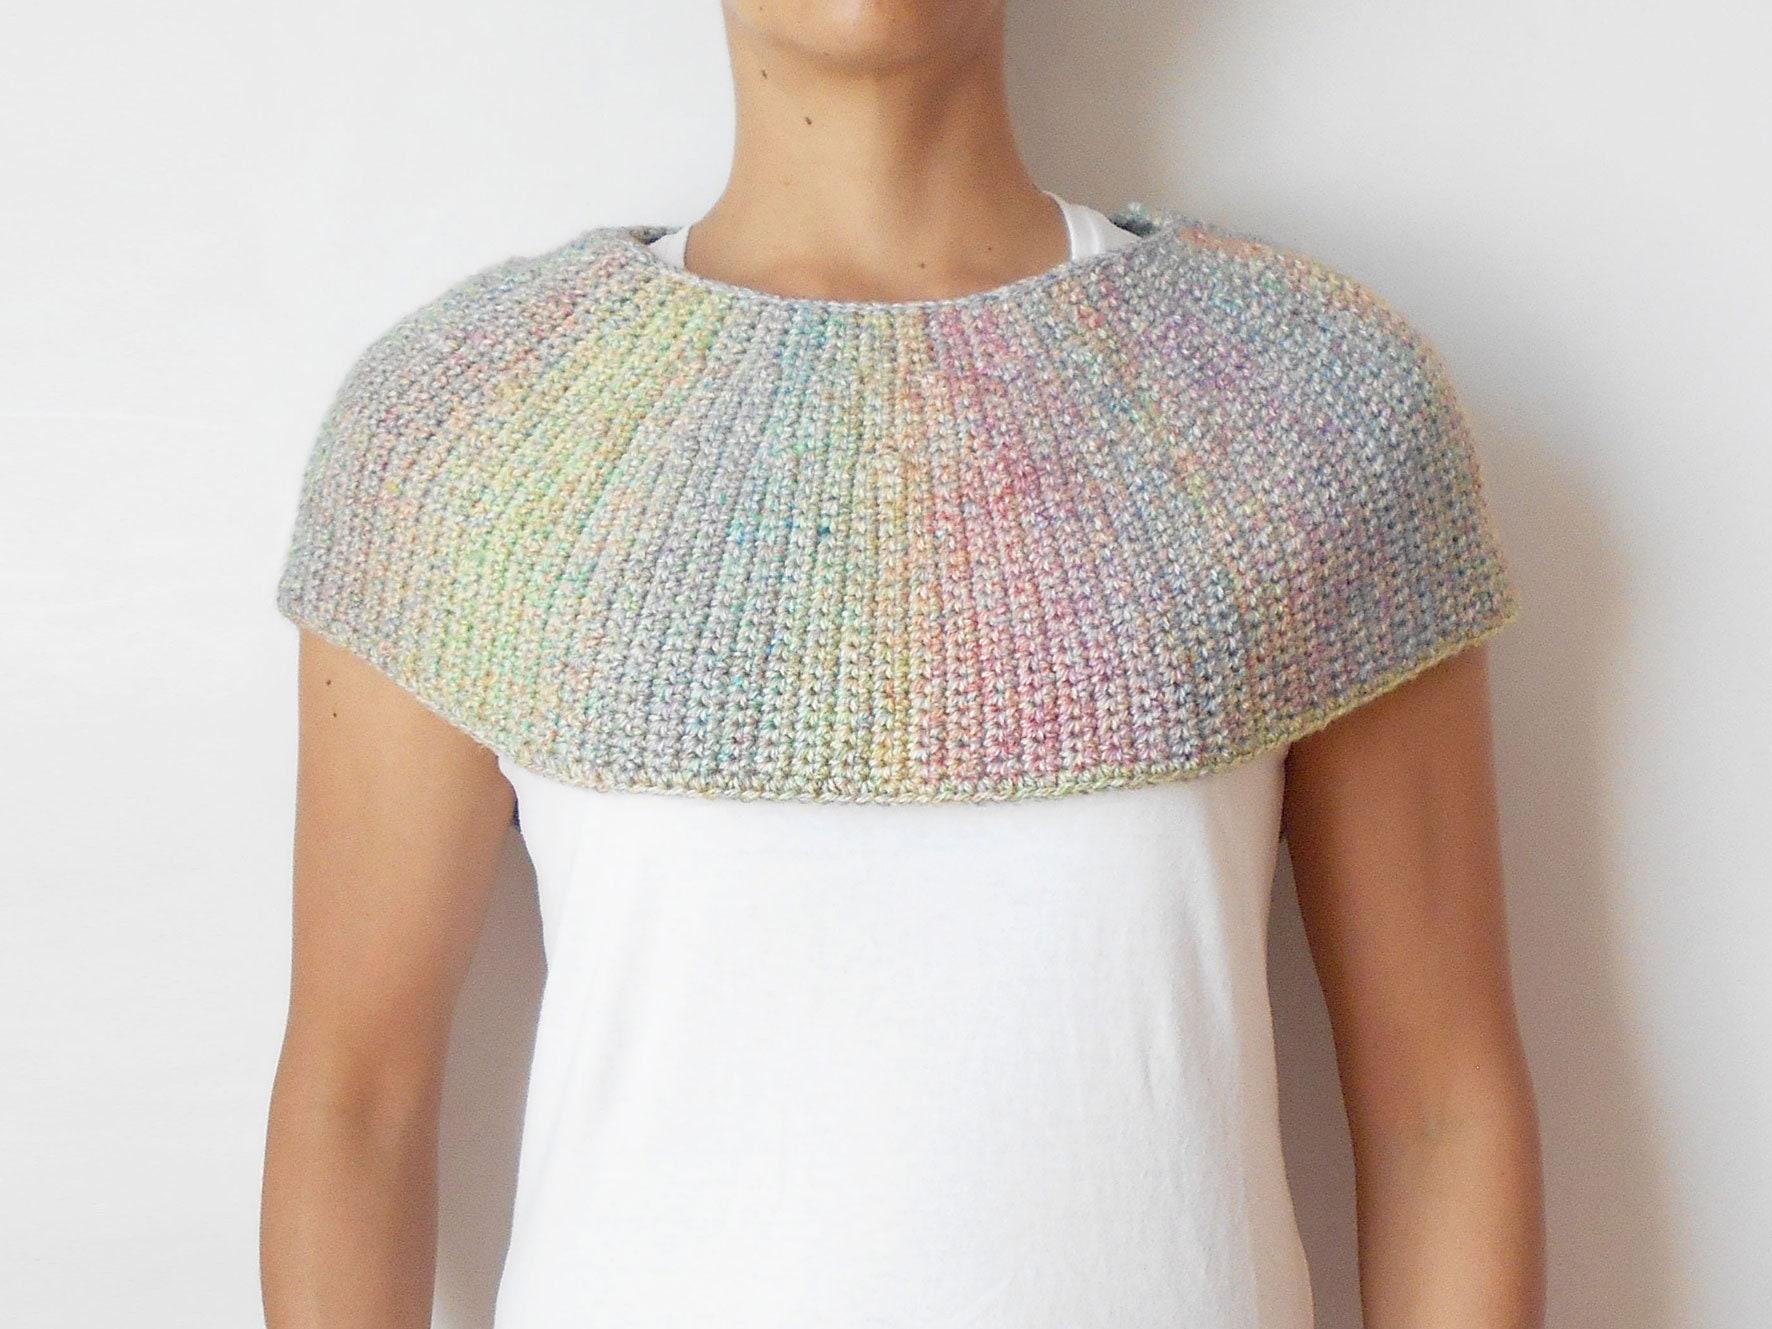 Capa Diane patrón ganchillo patrón crochet capa crochet | Etsy